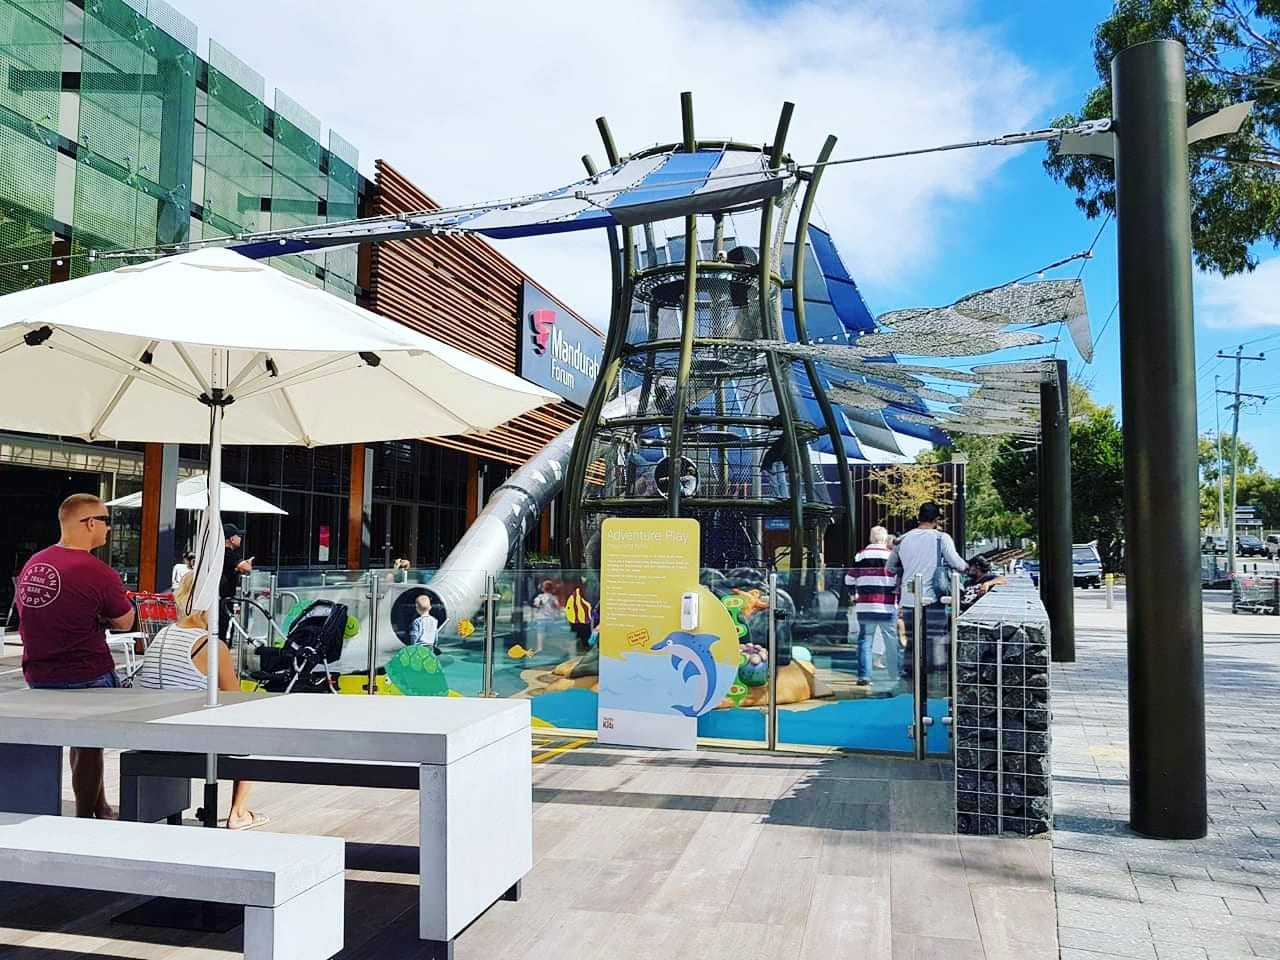 Mandurah Forum Playground, Mandurah